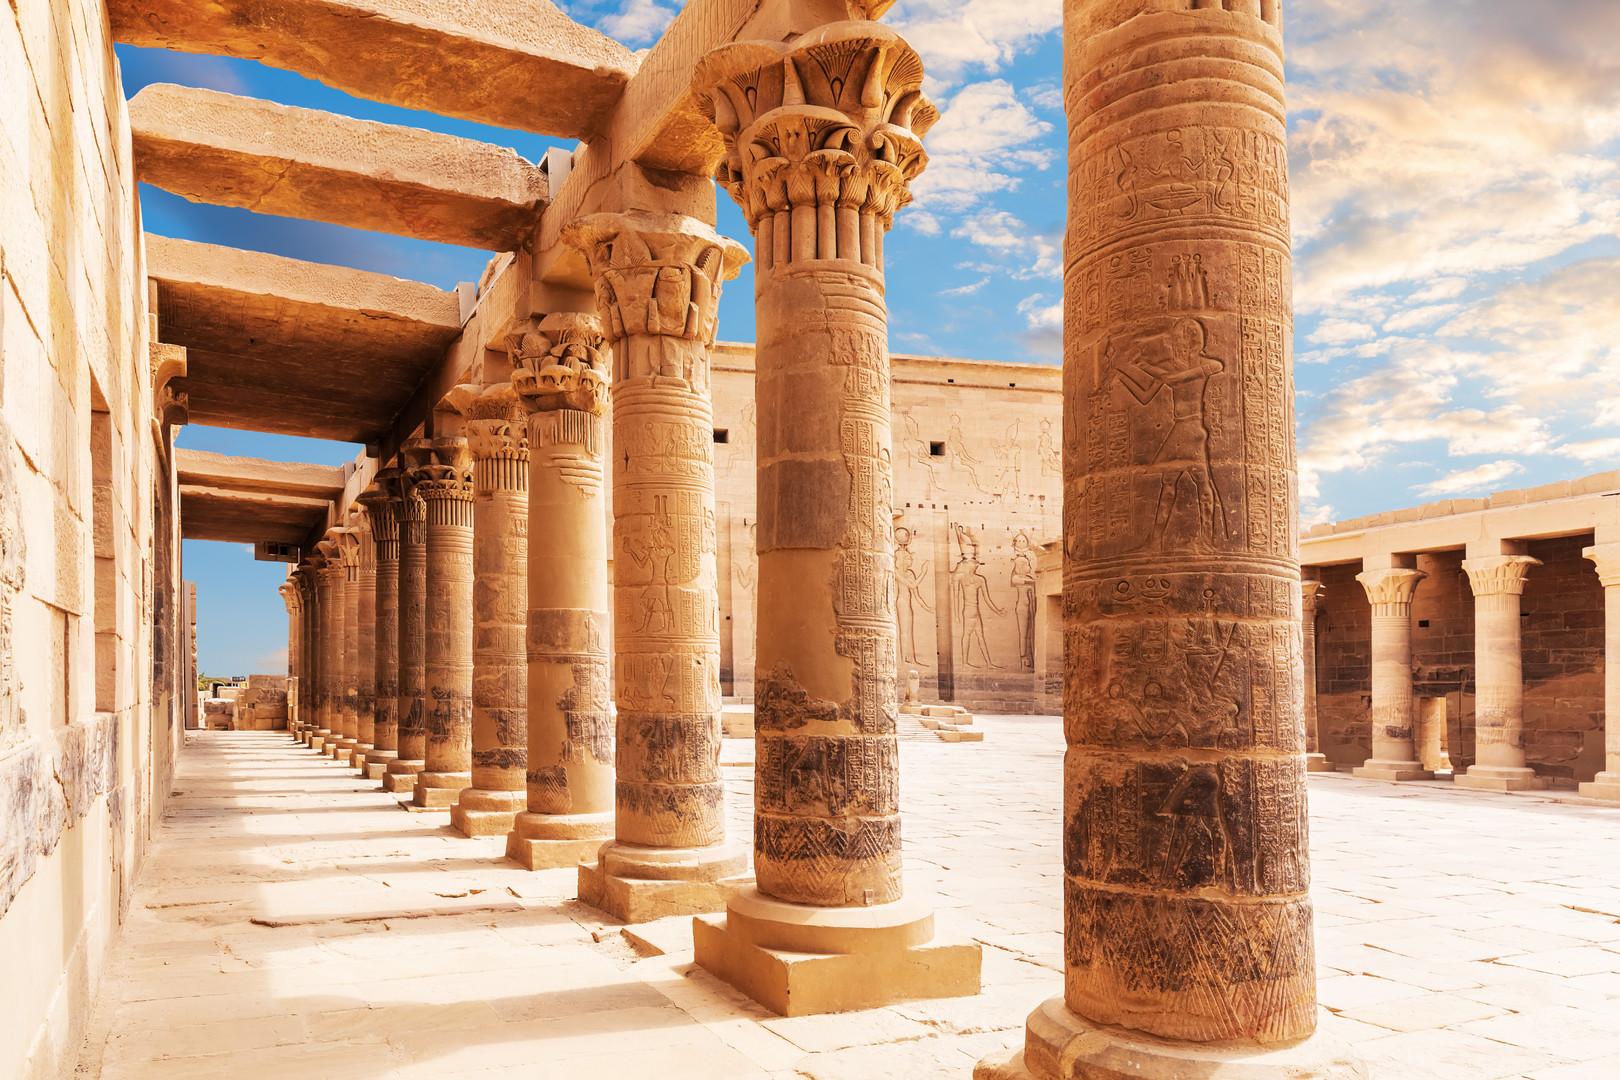 Hledání historie Egypta s plavbou po Nilu a pobytem v Marsa Alam #3